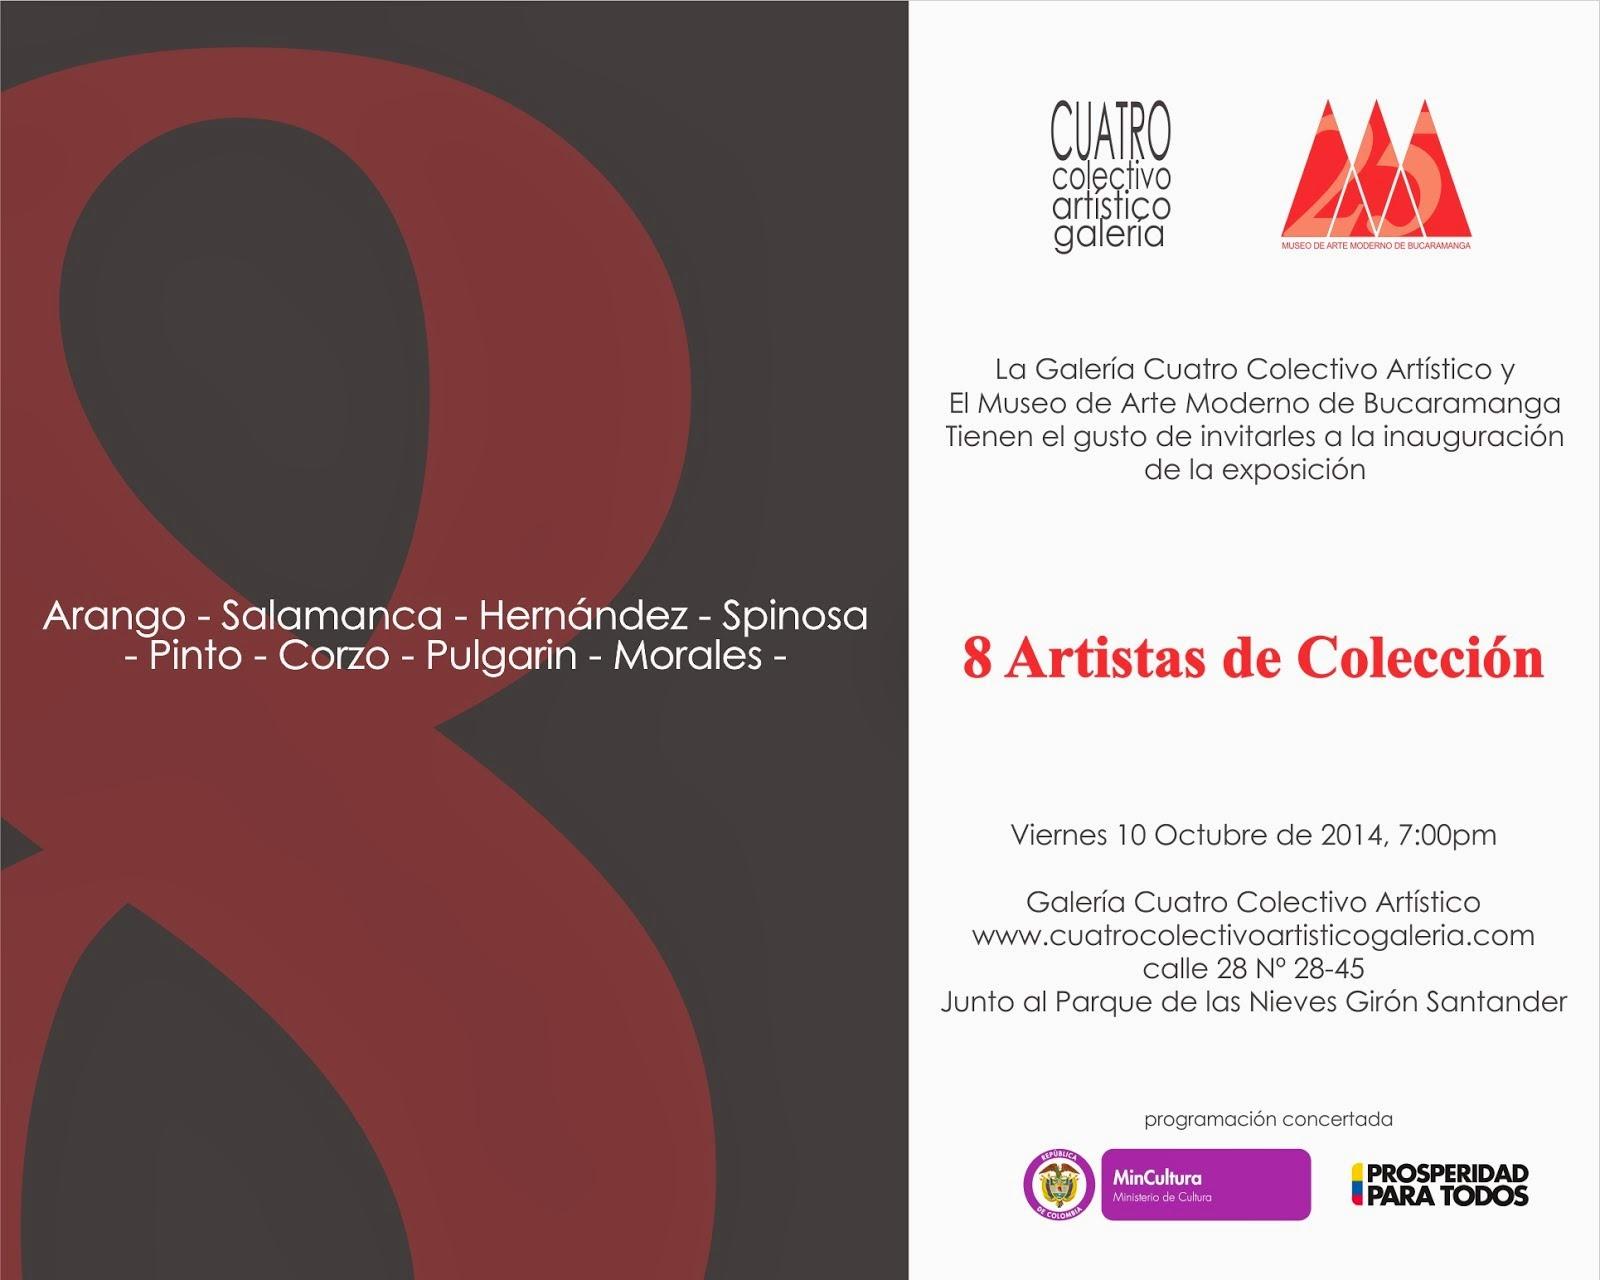 8 ARTISTAS DE COLECCIÓN